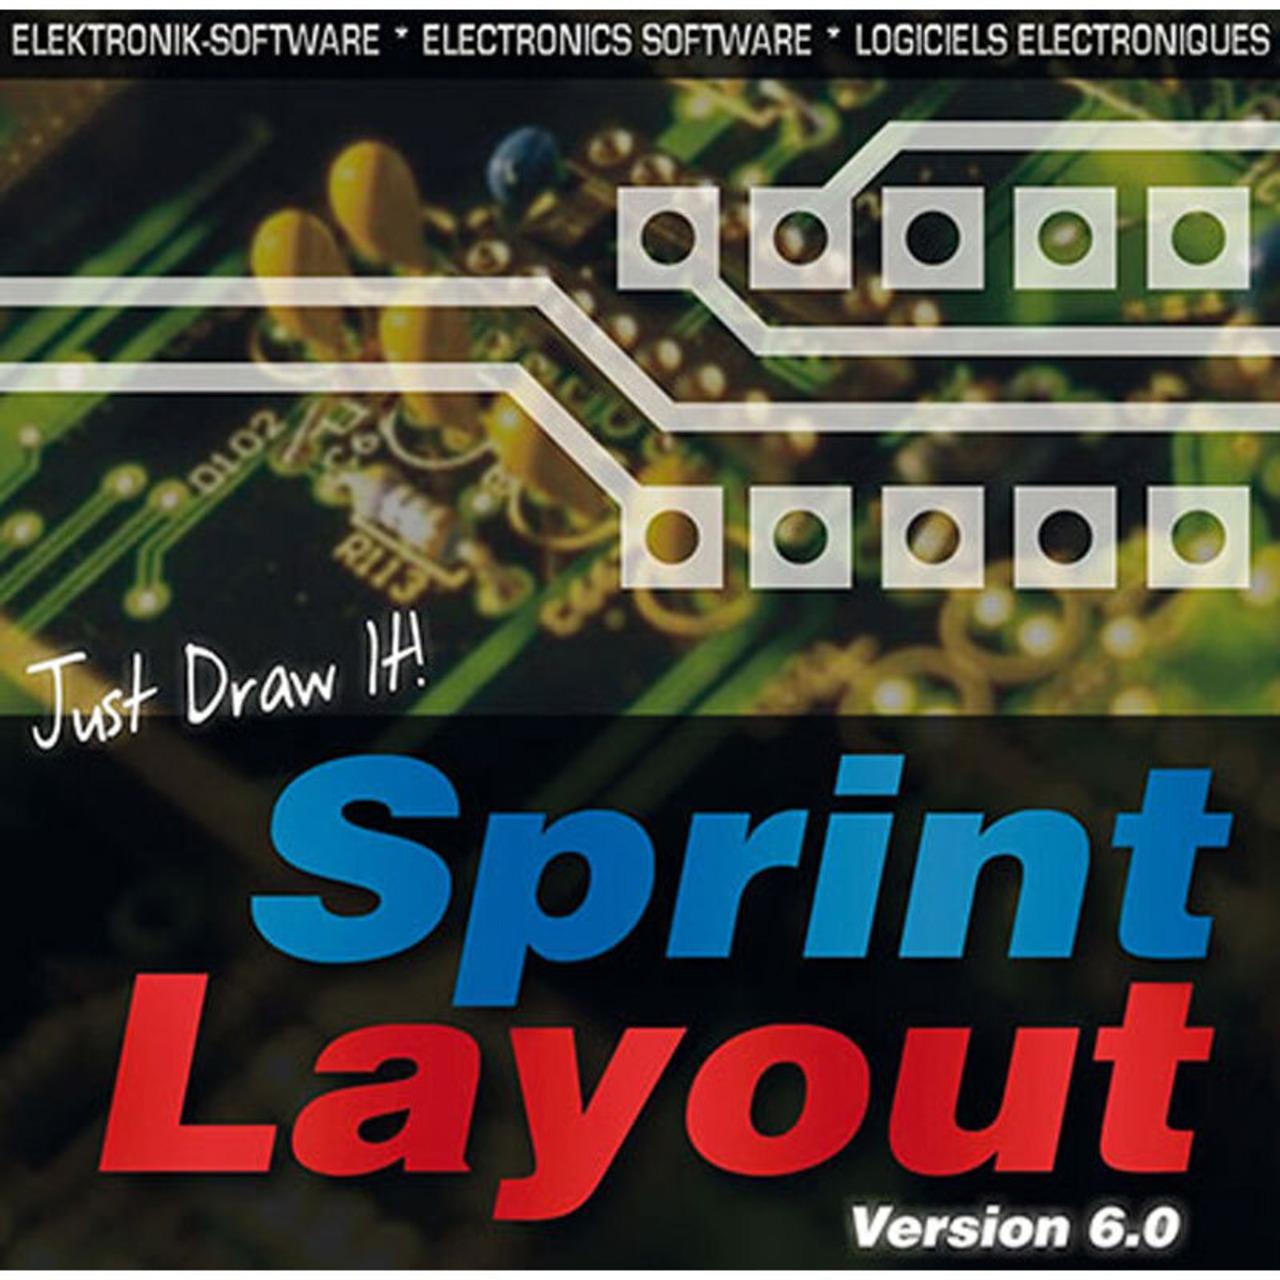 Sprint-Layout 6.0